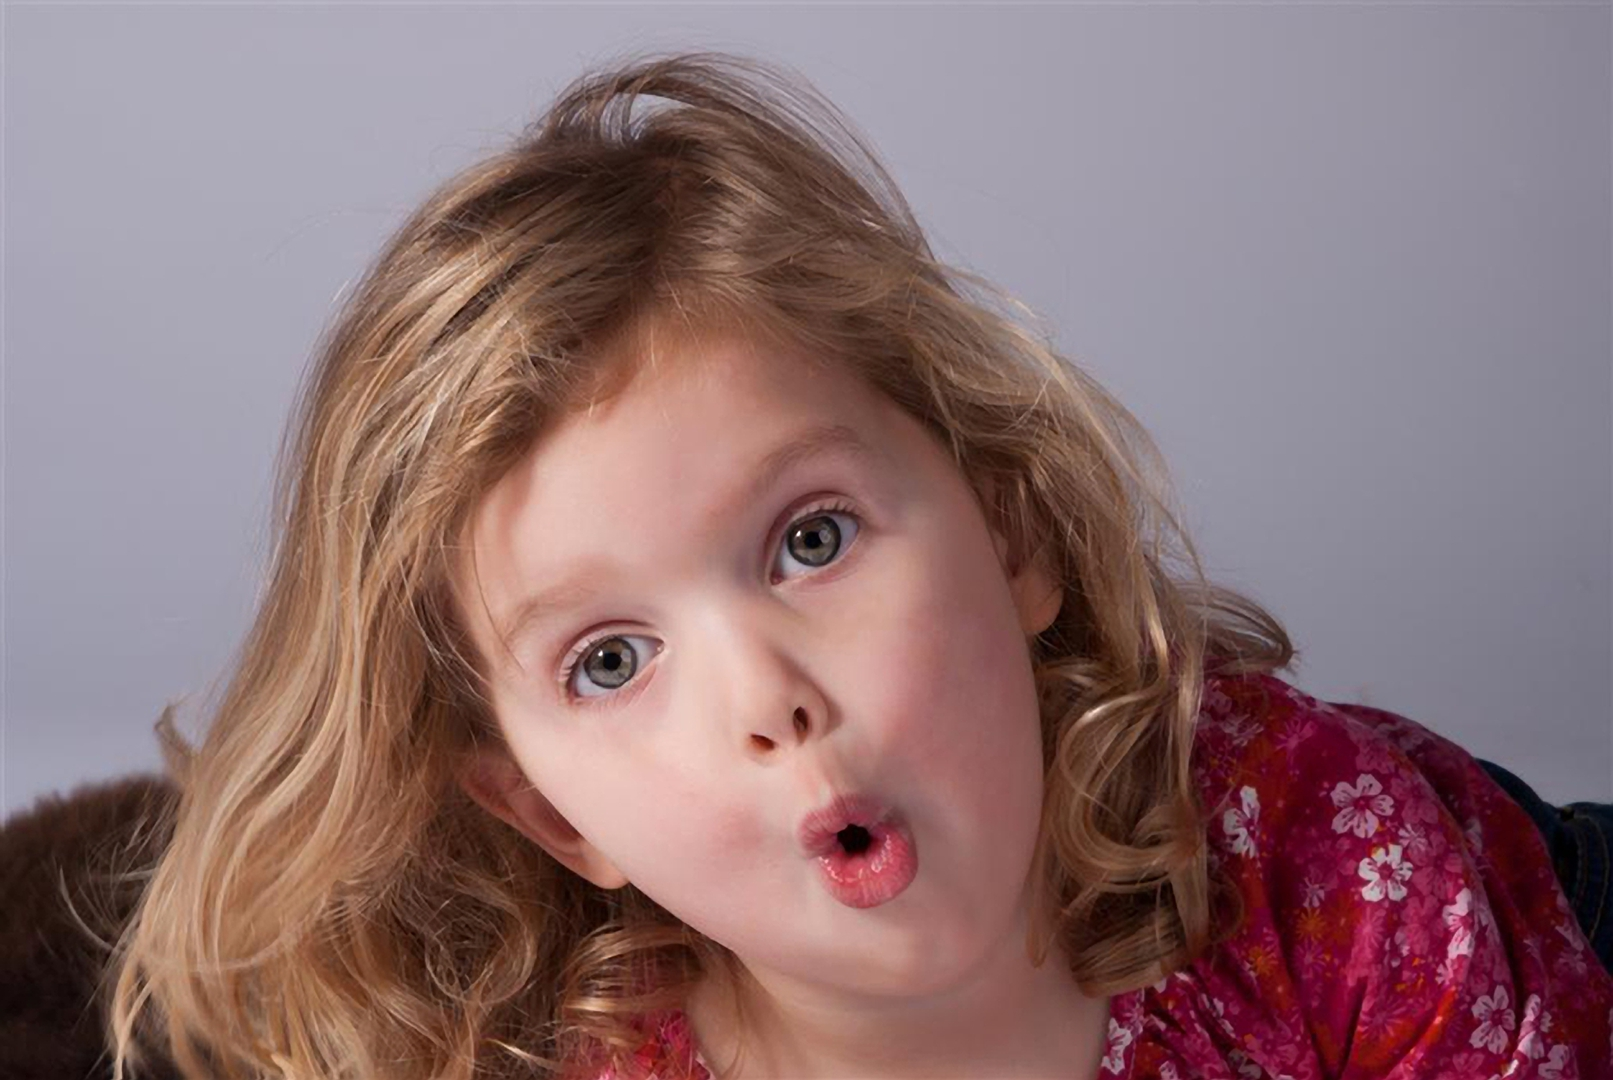 2017-01-31: Nieuwe Foto toegevoegd aan het album  Portretten Kinderen